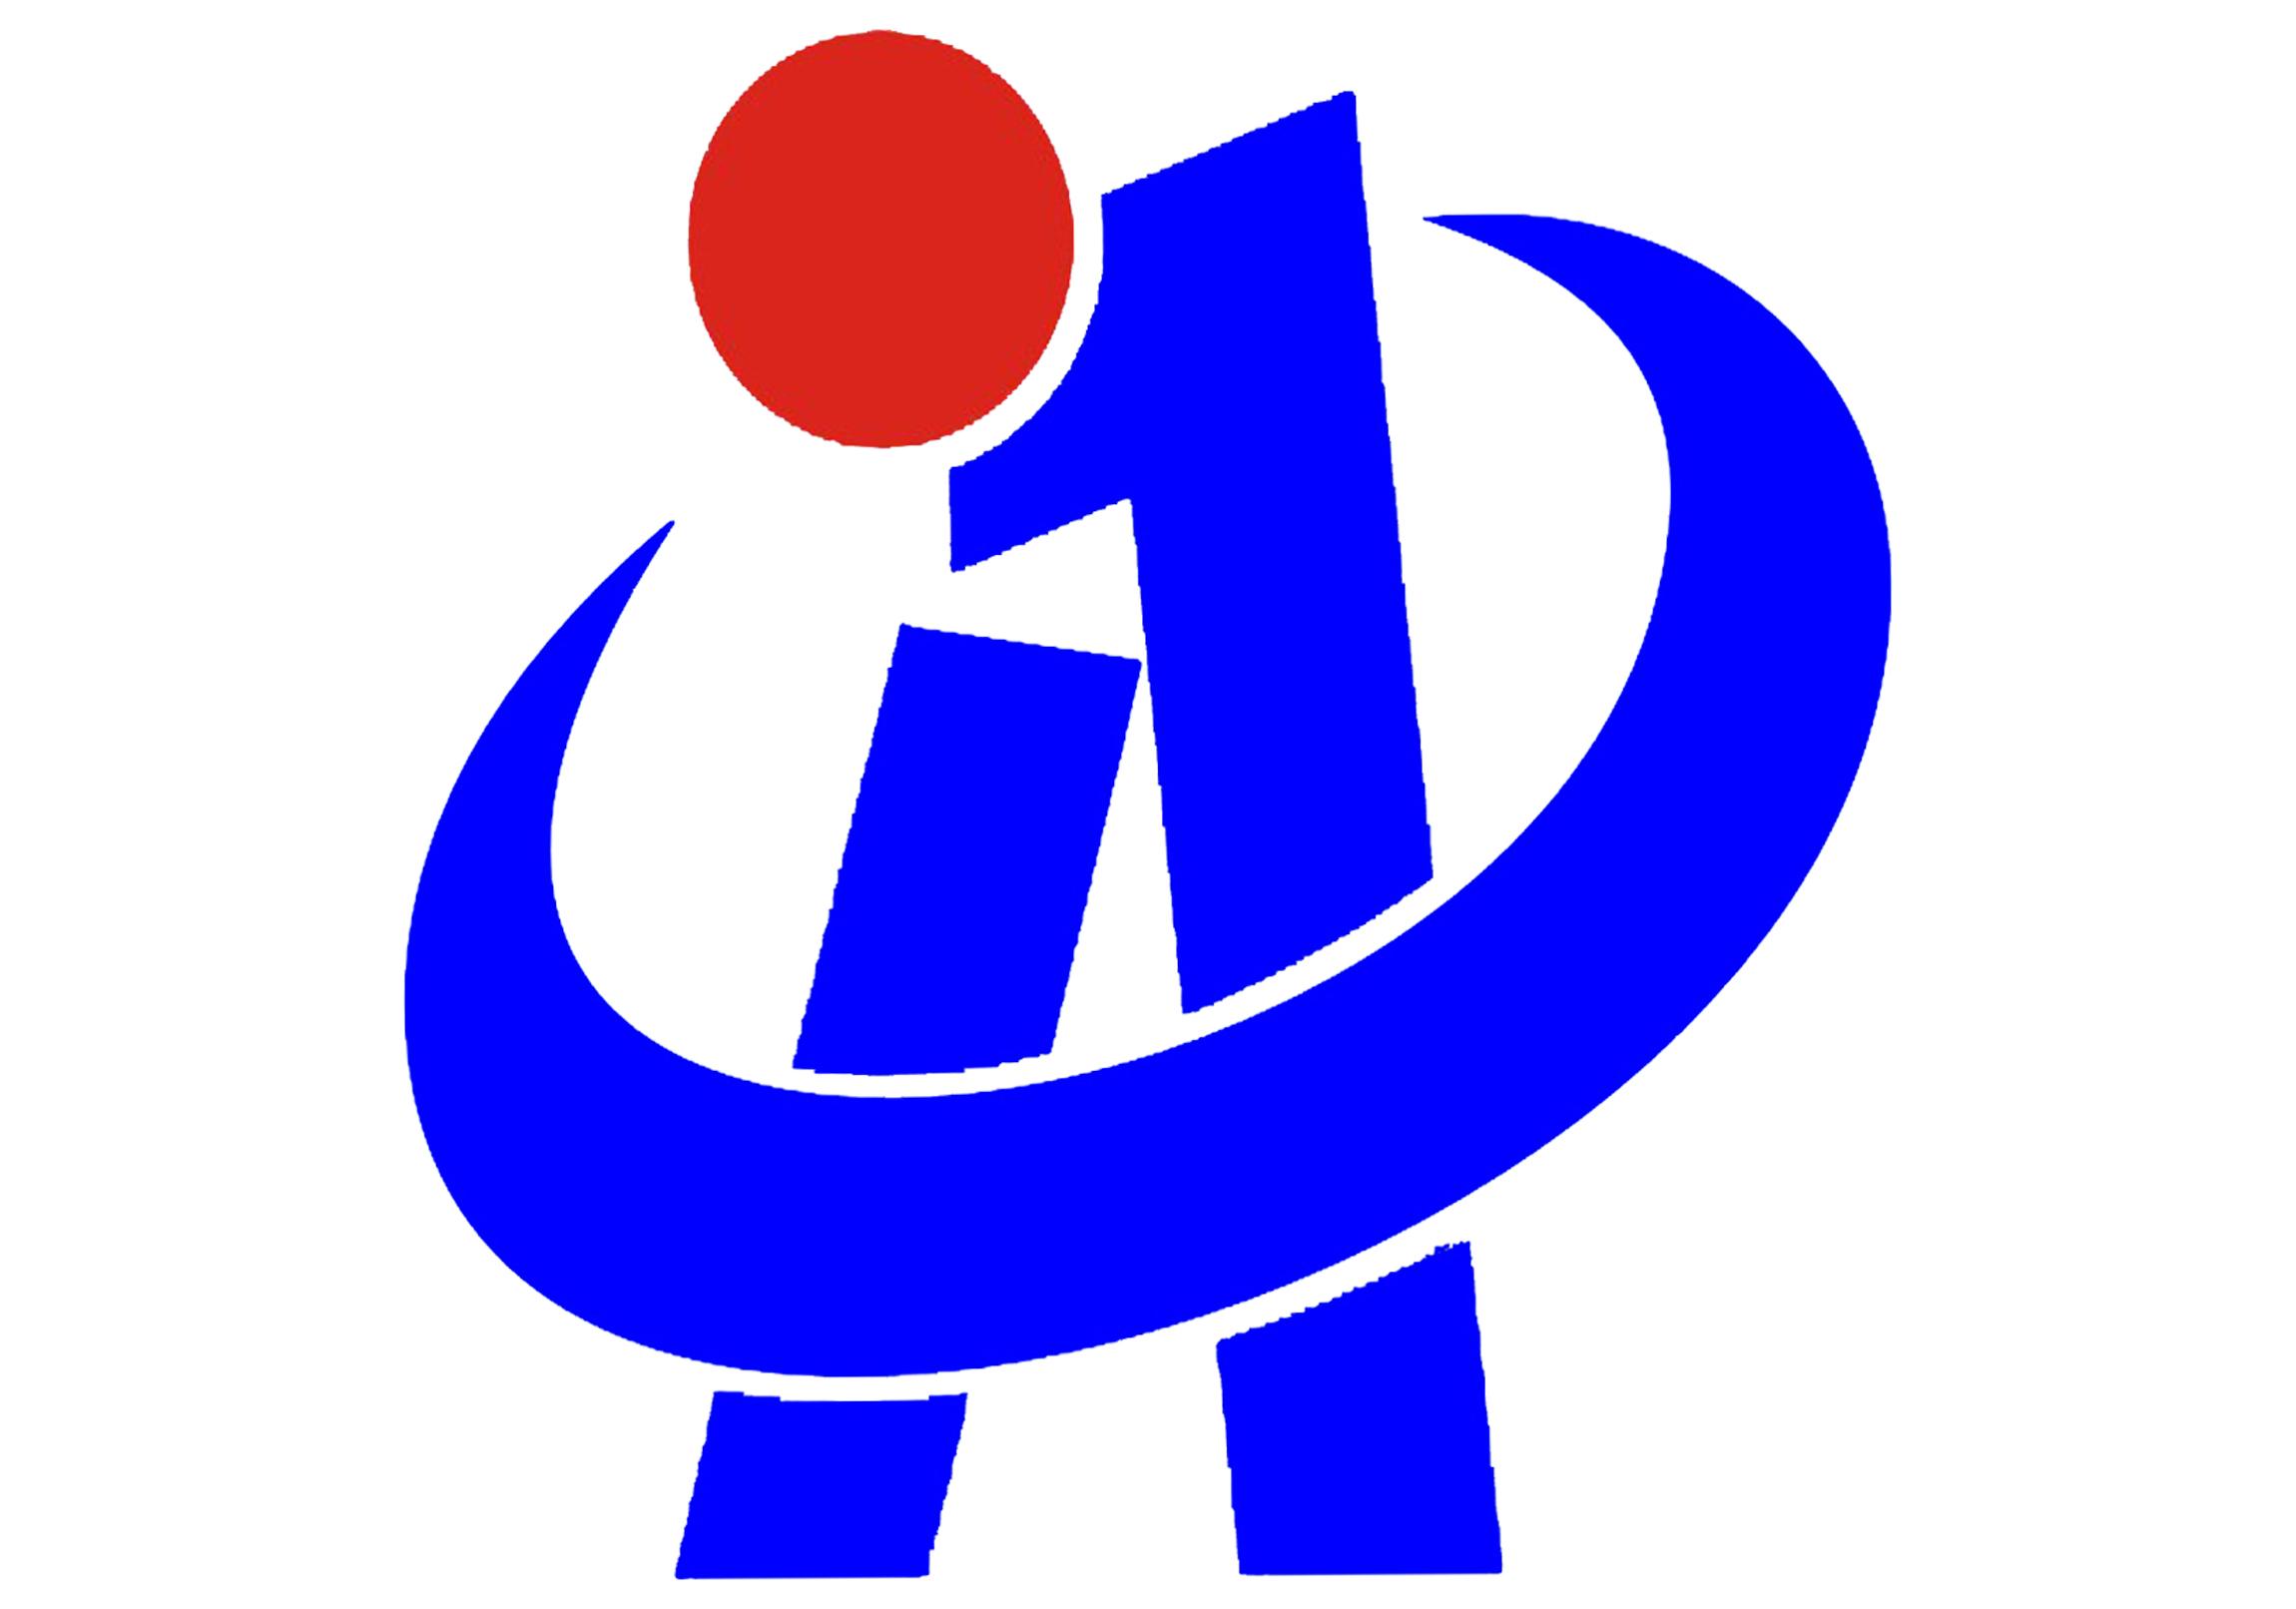 安徽中天工程项目管理有限公司